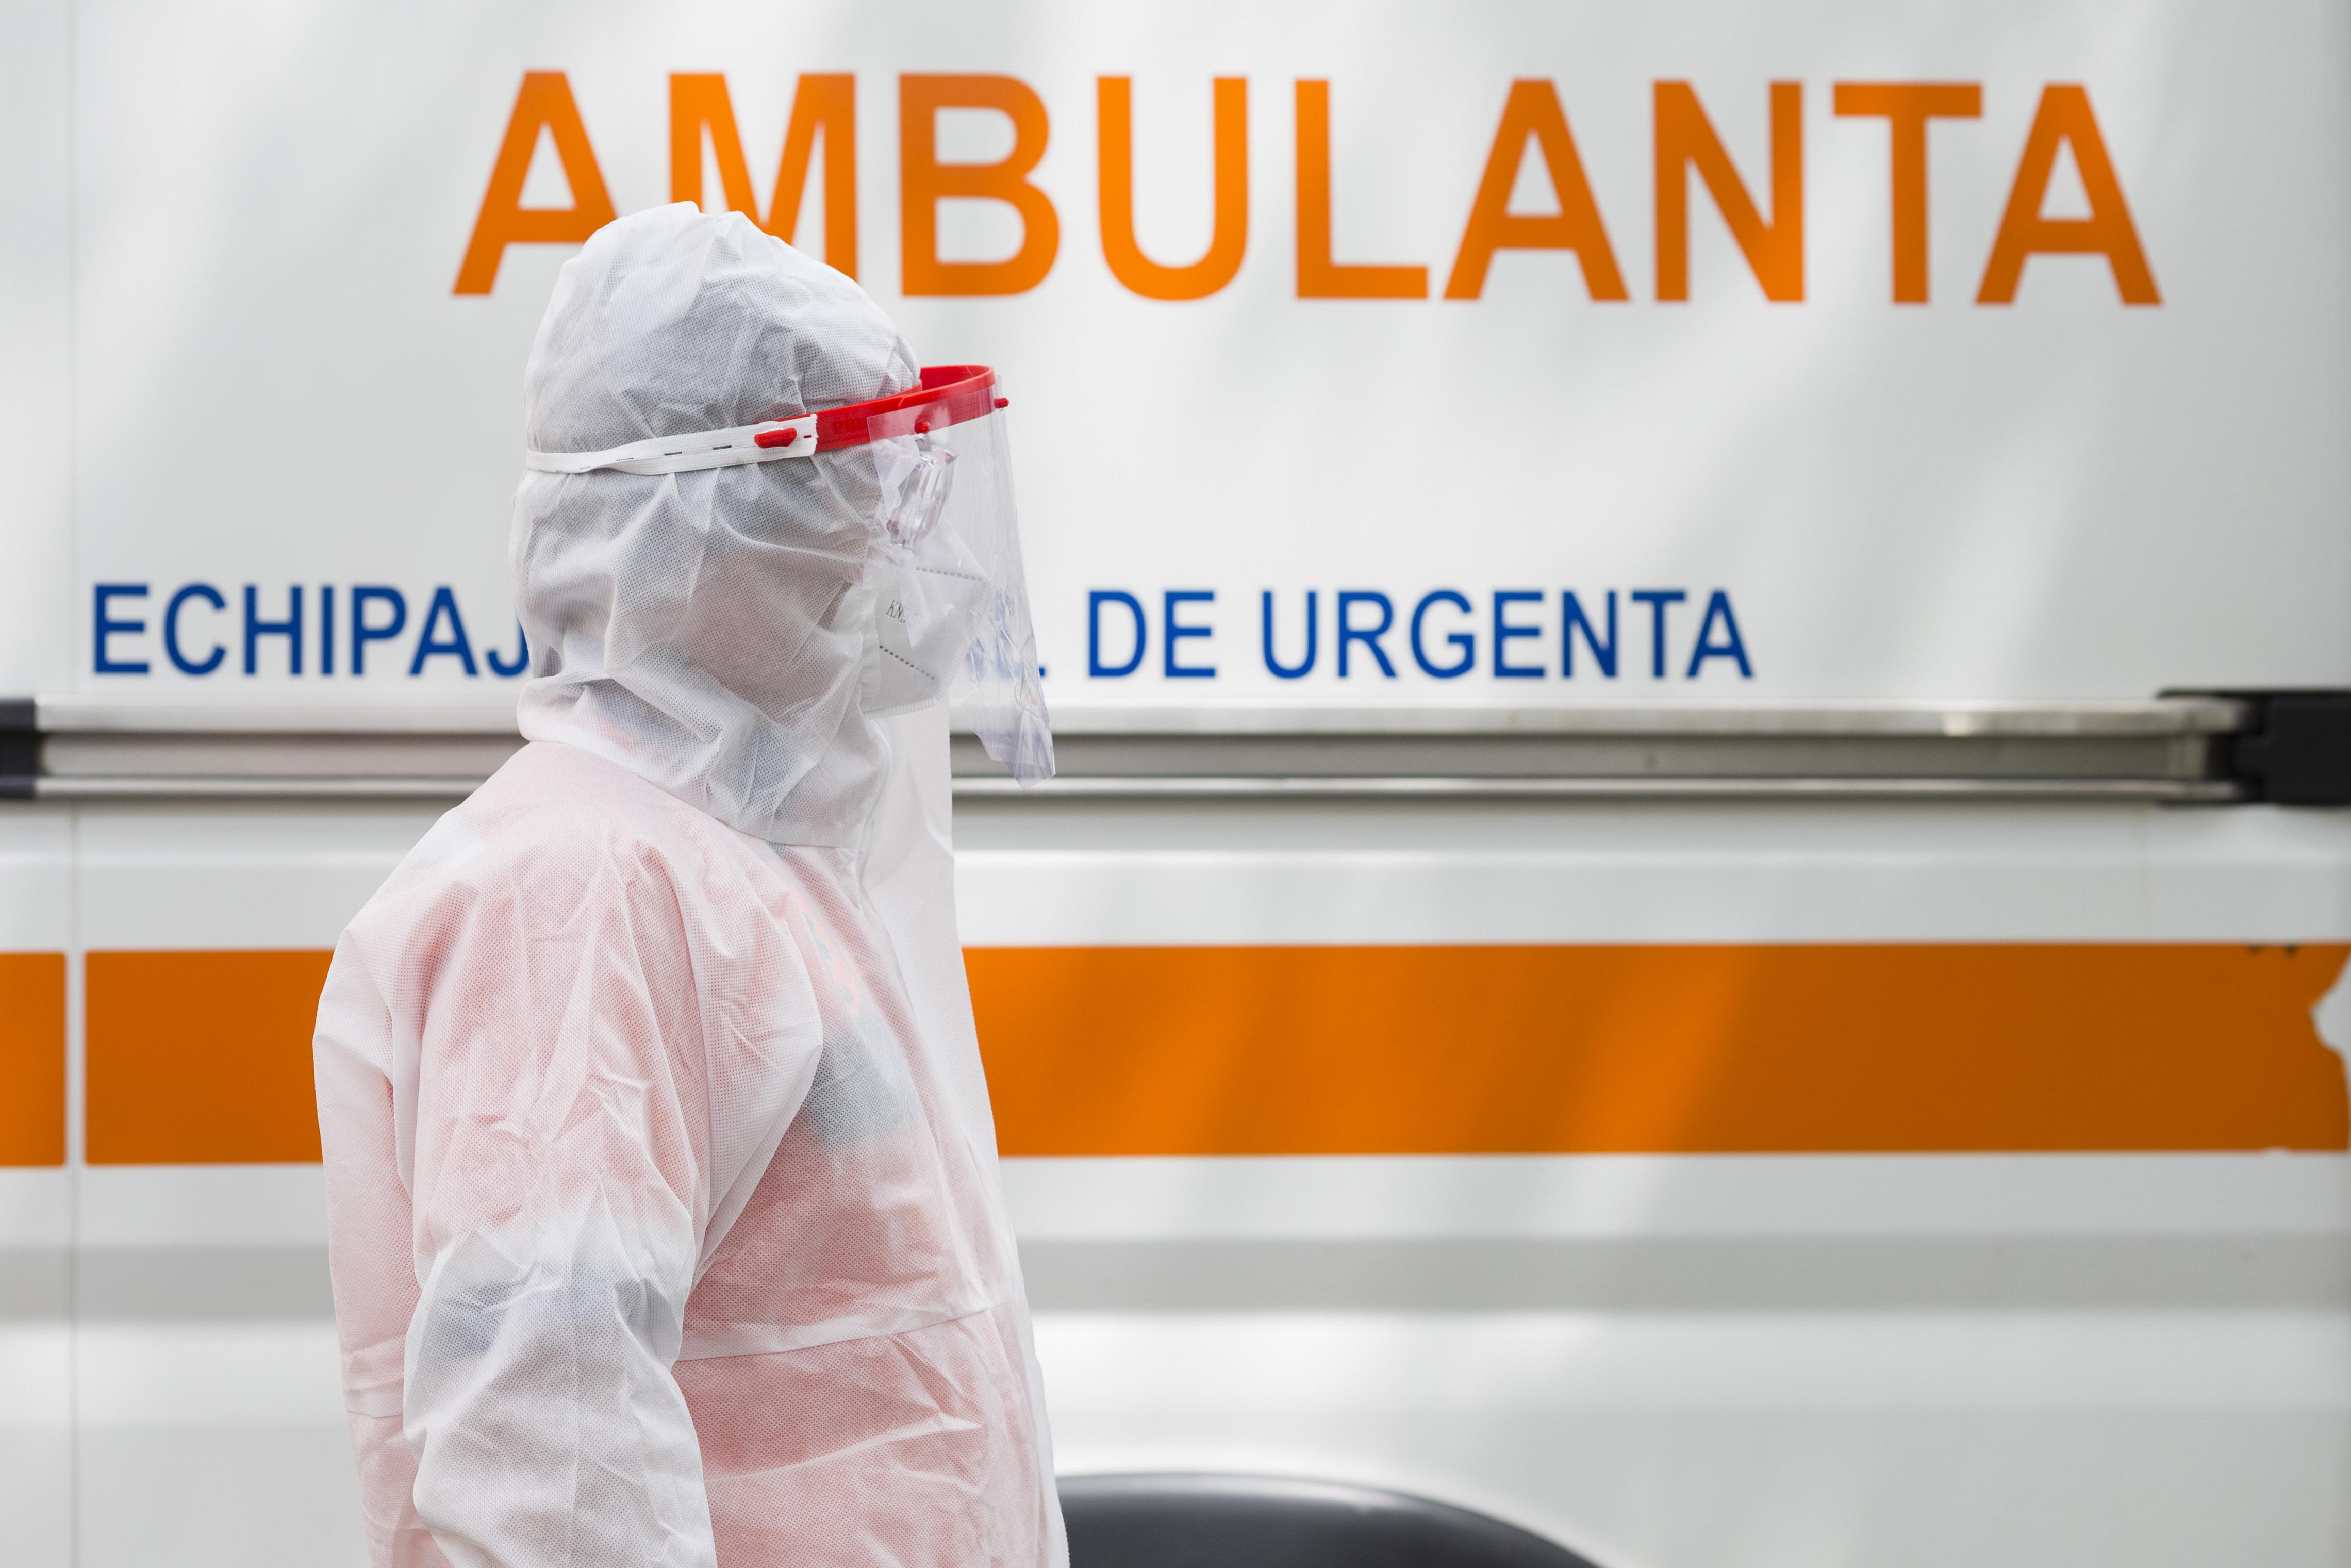 Coronavirus România, bilanț 3 iulie. 58 de noi cazuri de infectare în ultimele 24 de ore